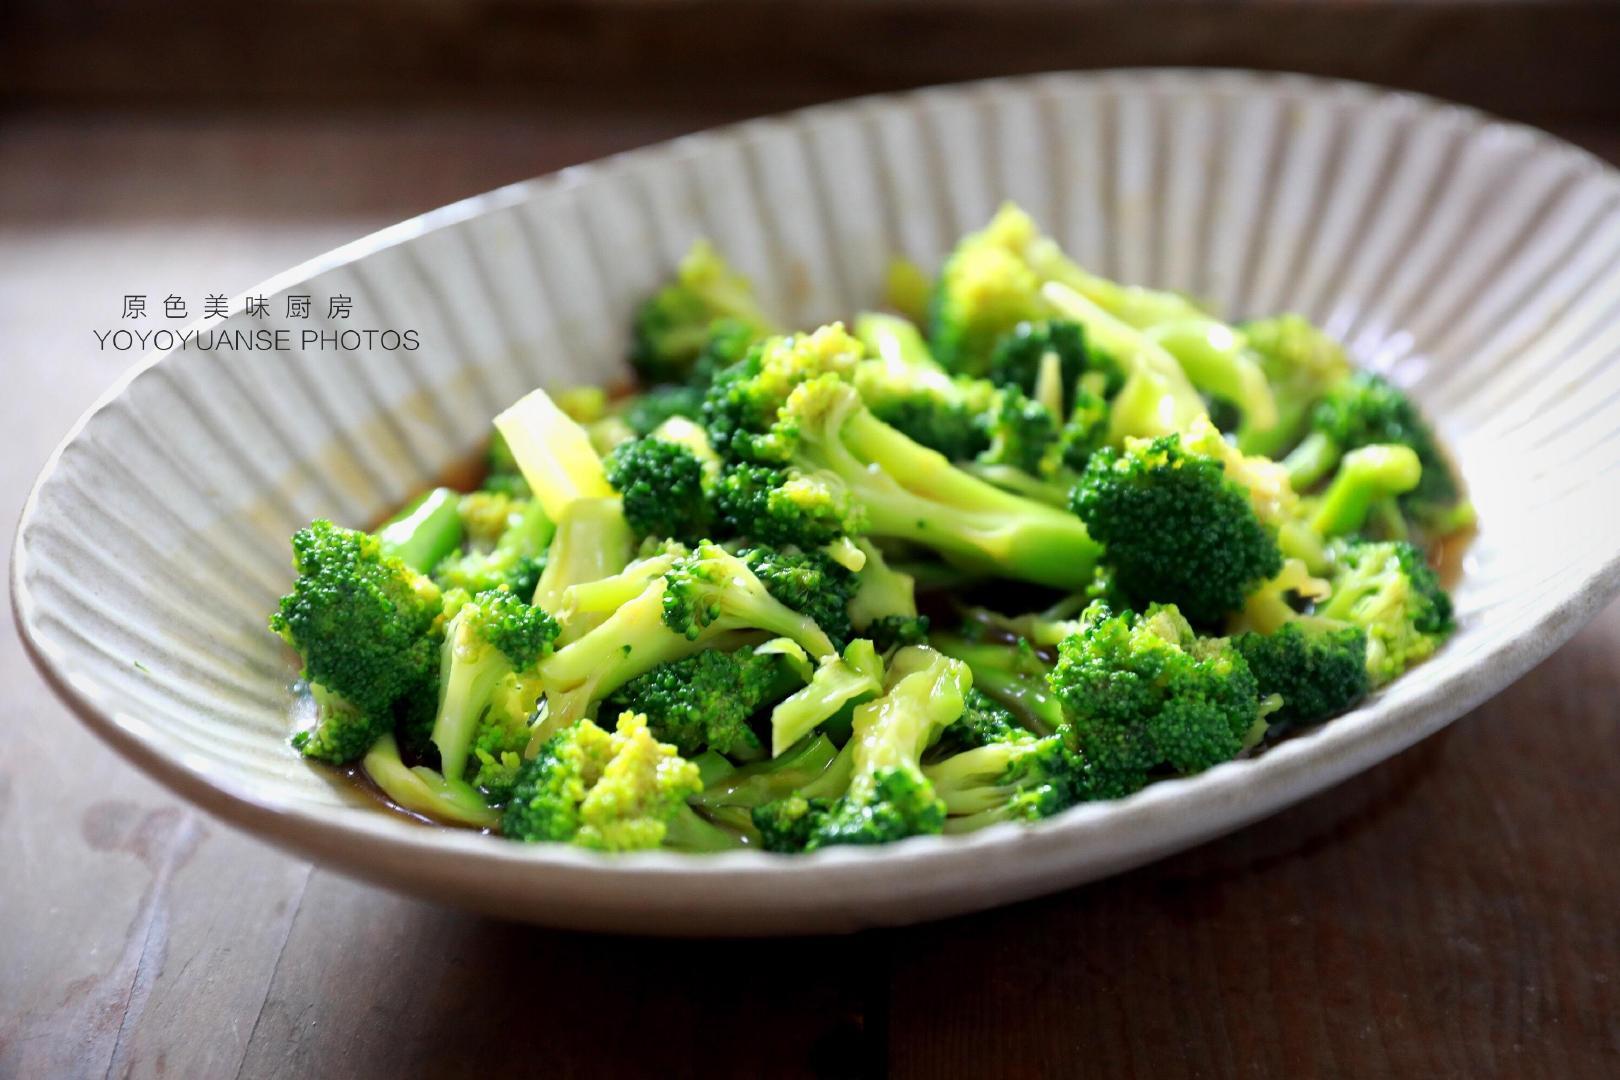 掌握好这个窍门,在家也能轻松做出好吃的蚝油西兰花,营养又低脂